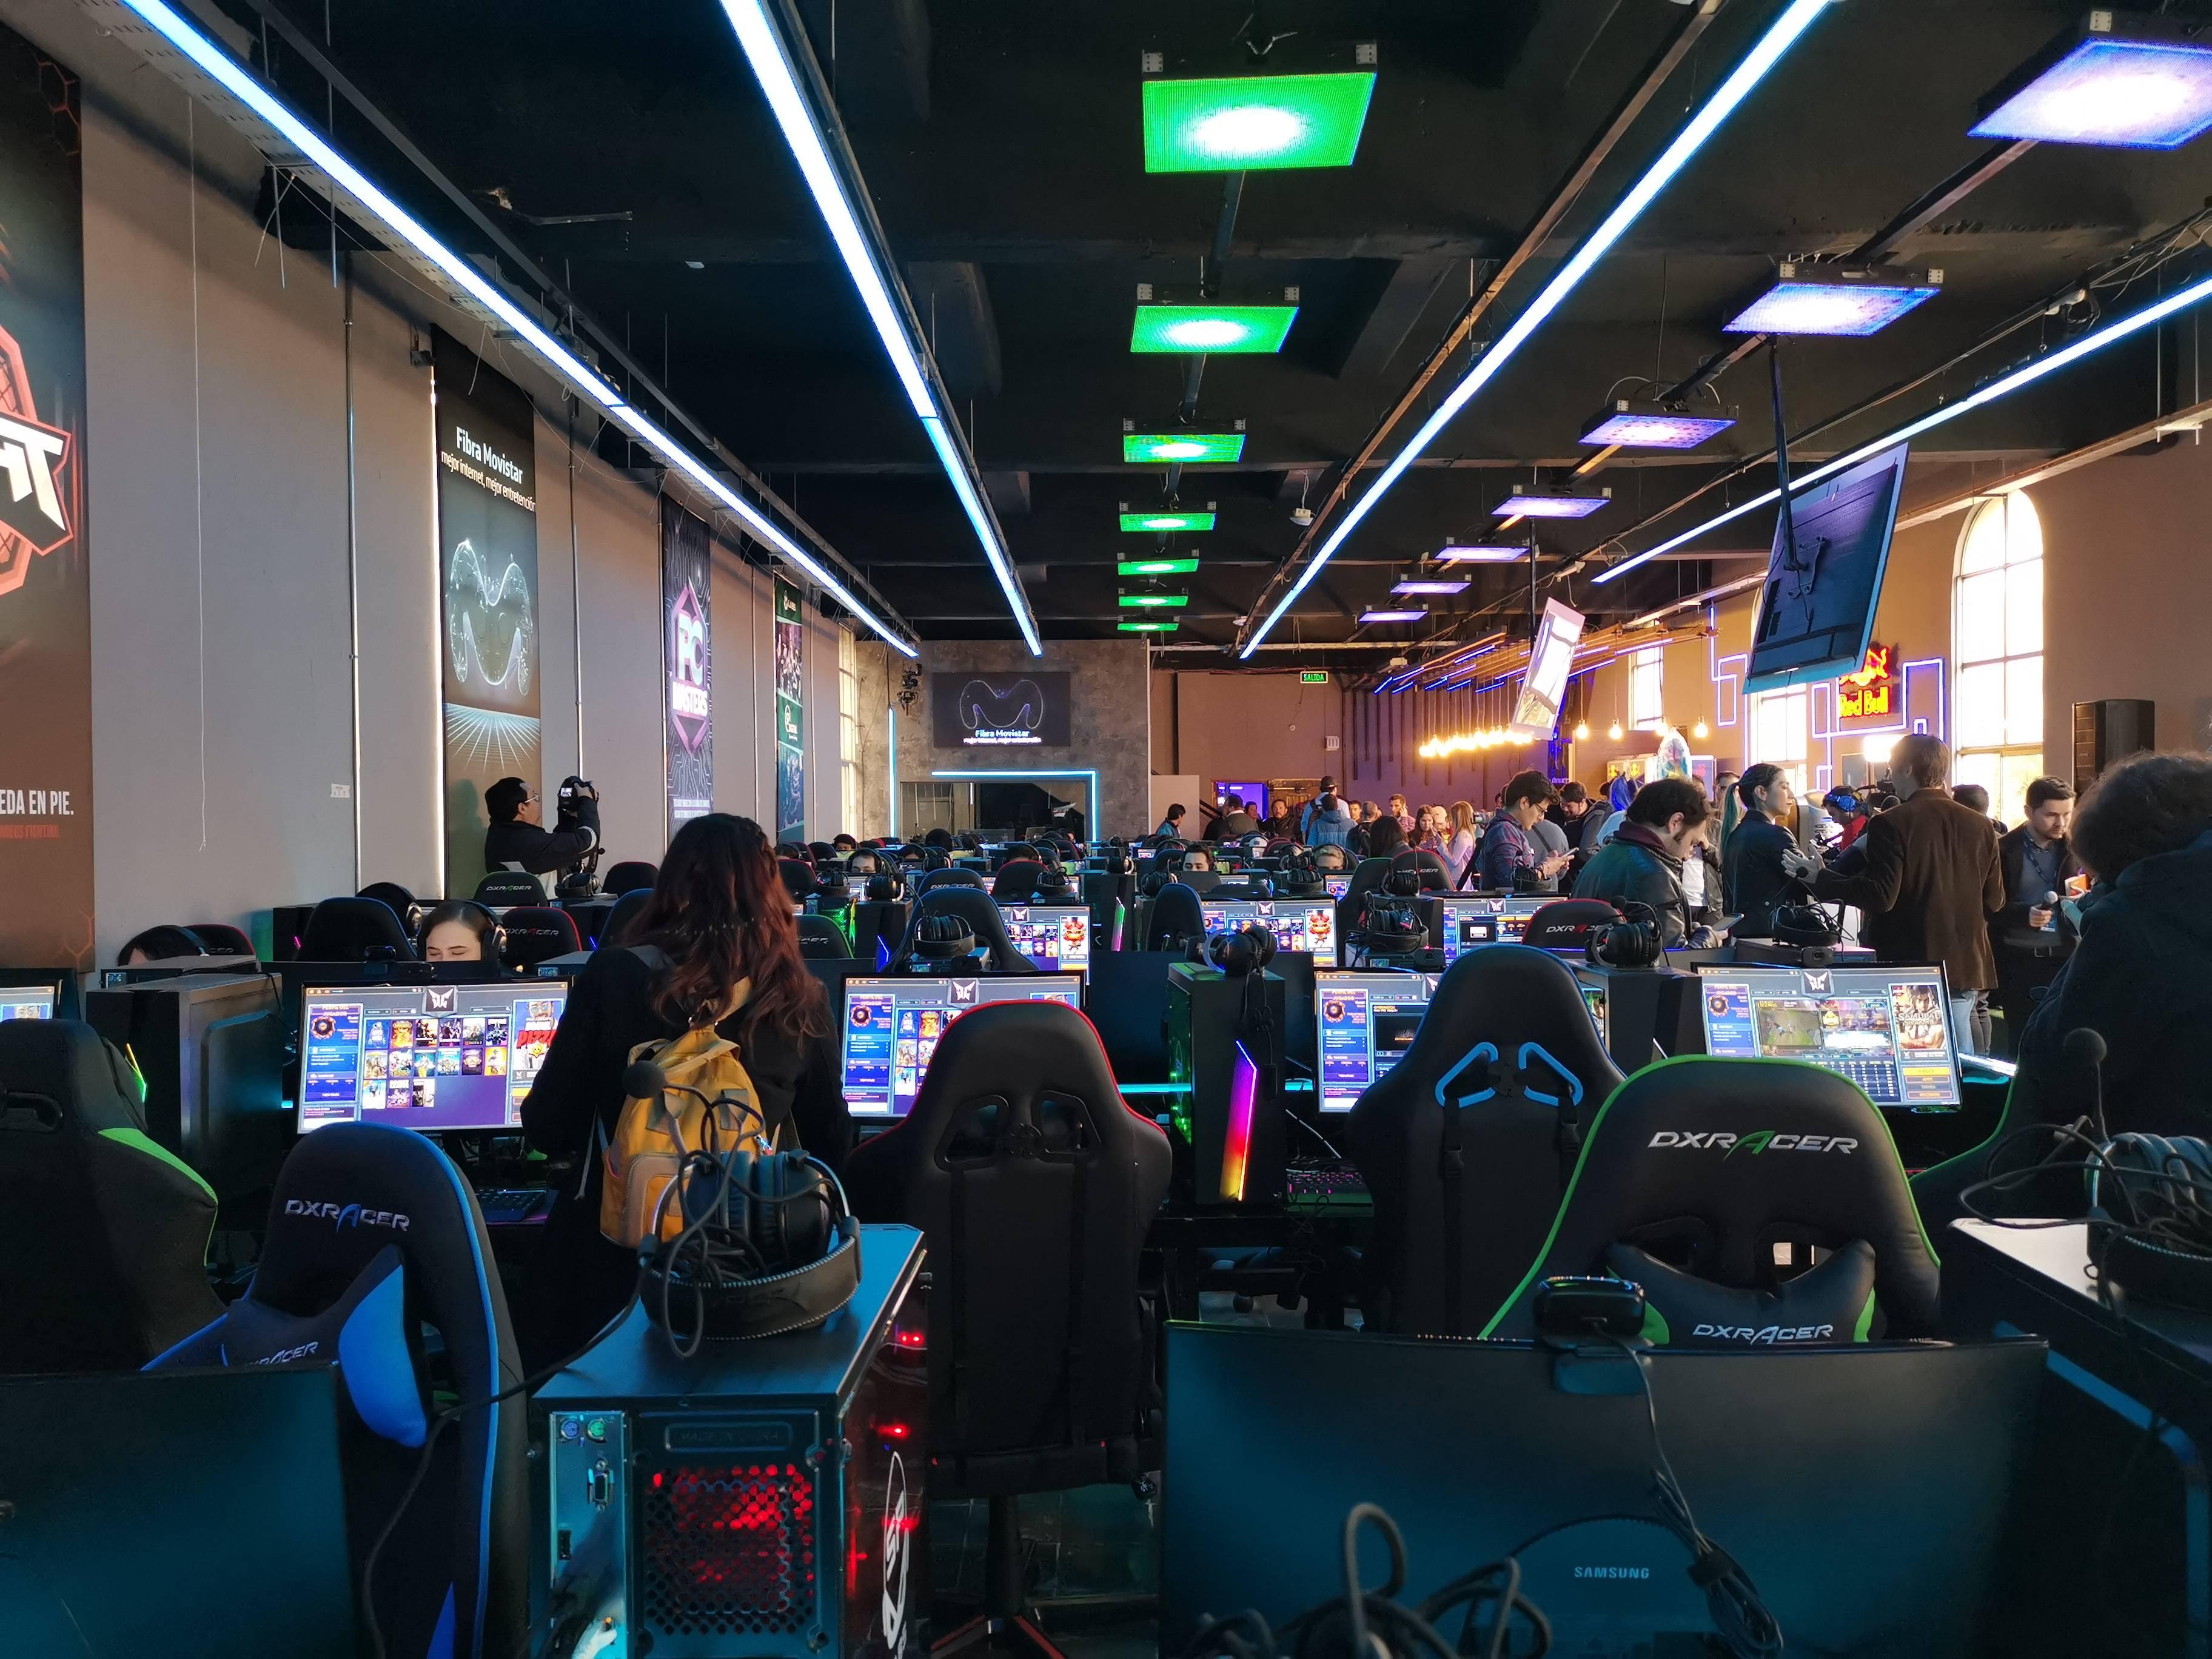 Un lujo: Inauguran en Chile el primer espacio para el mundo gamer llamado Movistar GameClub